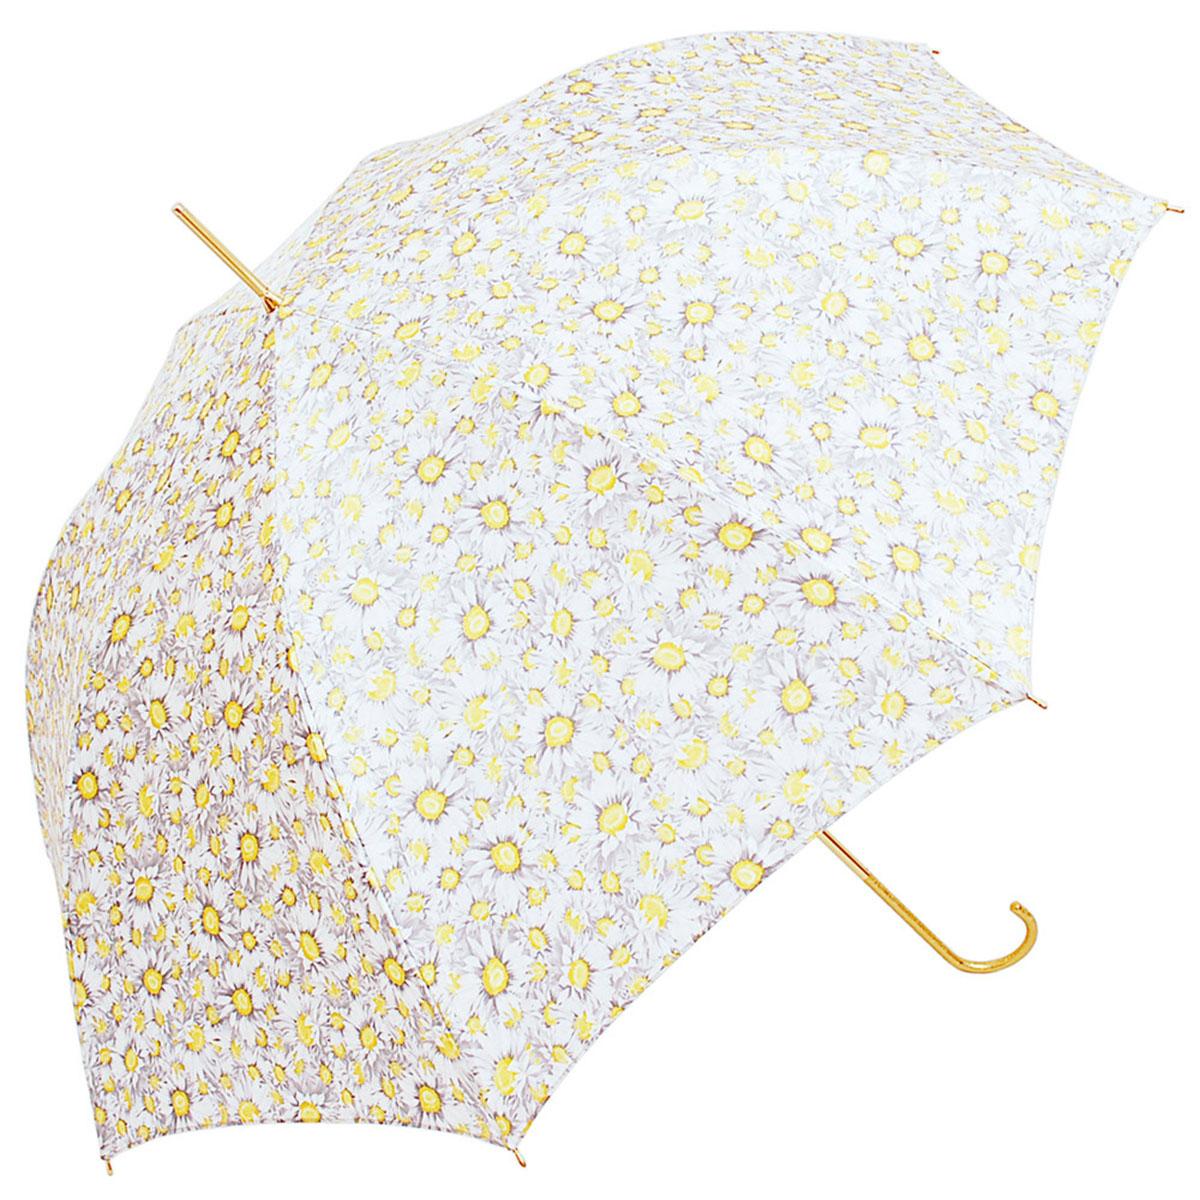 Зонт-трость женский Stilla, цвет: белый, желтый. 651 auto3.7-12 navyЗонт-трость Stilla надежно защитит вас от дождя. Купол, оформленный оригинальным принтом, выполнен из высококачественного ПВХ, который не пропускает воду.Каркас зонта и спицы выполнены из высококарбонистой стали. Зонт имеет автоматический тип сложения: открывается и закрывается при нажатии на кнопку. Удобная ручка выполнена из пластика.